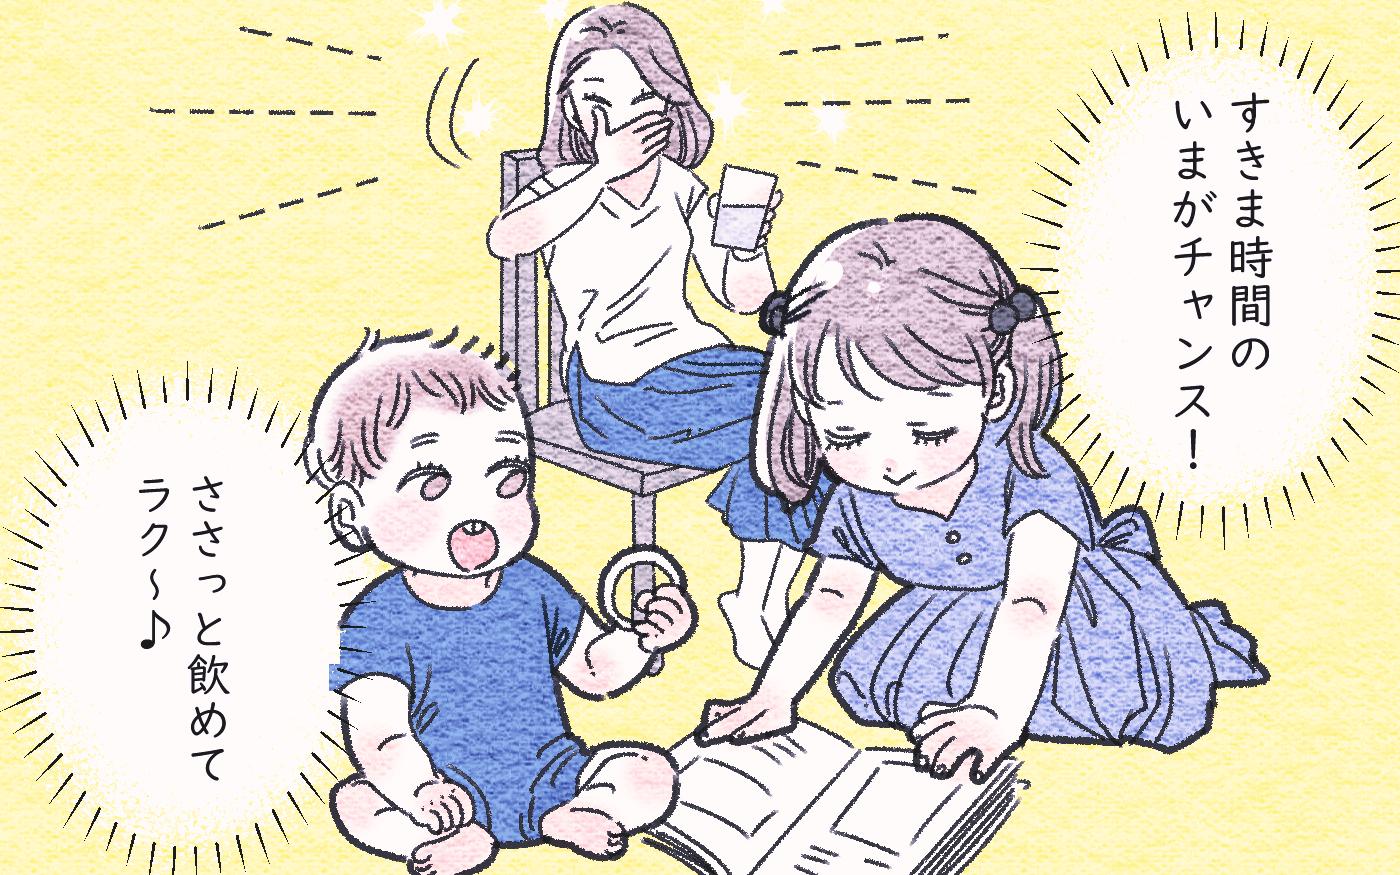 しみにドキッとしたらインナーケアの始めどき!多忙なママの飲むしみケアって?